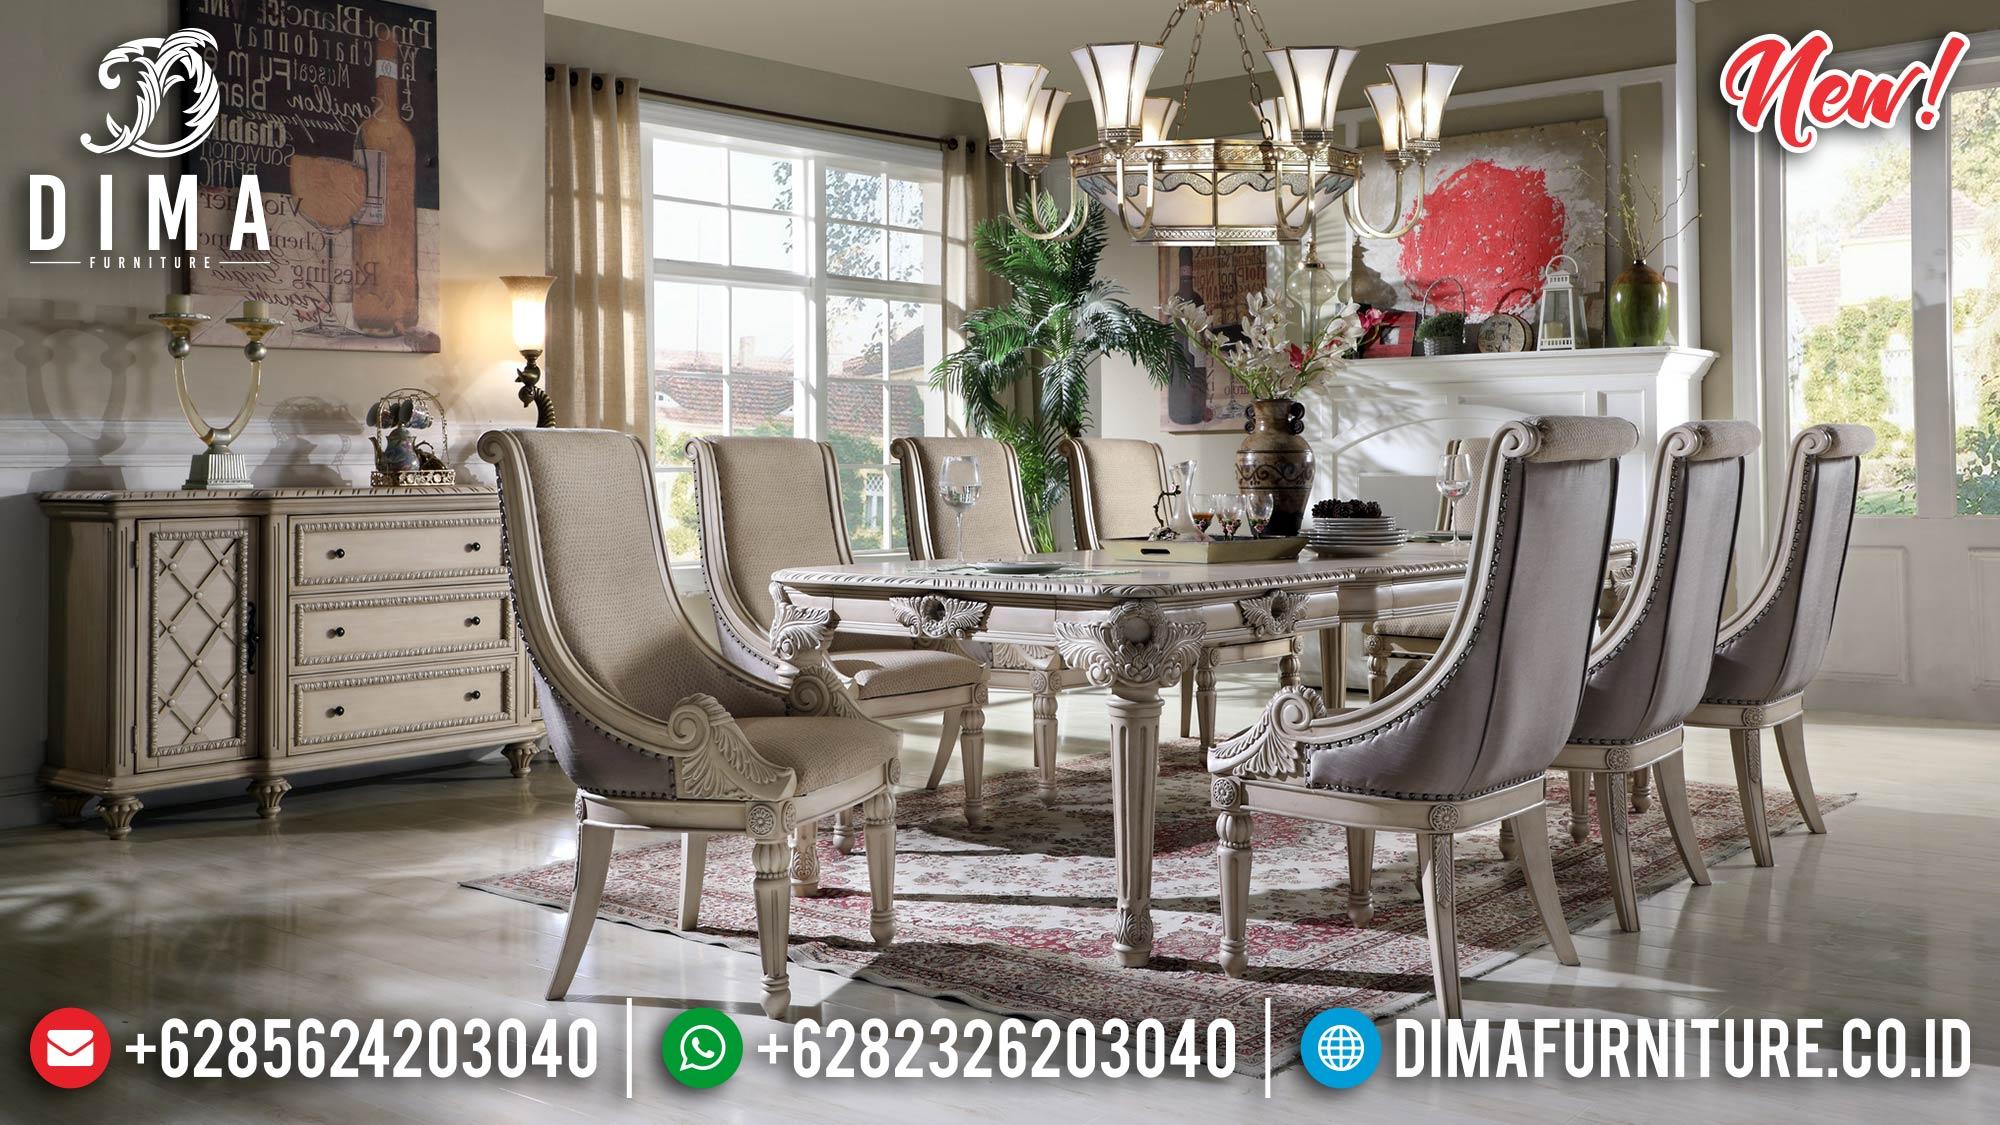 New Set Meja Makan Mewah Jepara Luxury Harga Terjangkau Kualitas Tinggi TTJ-0965